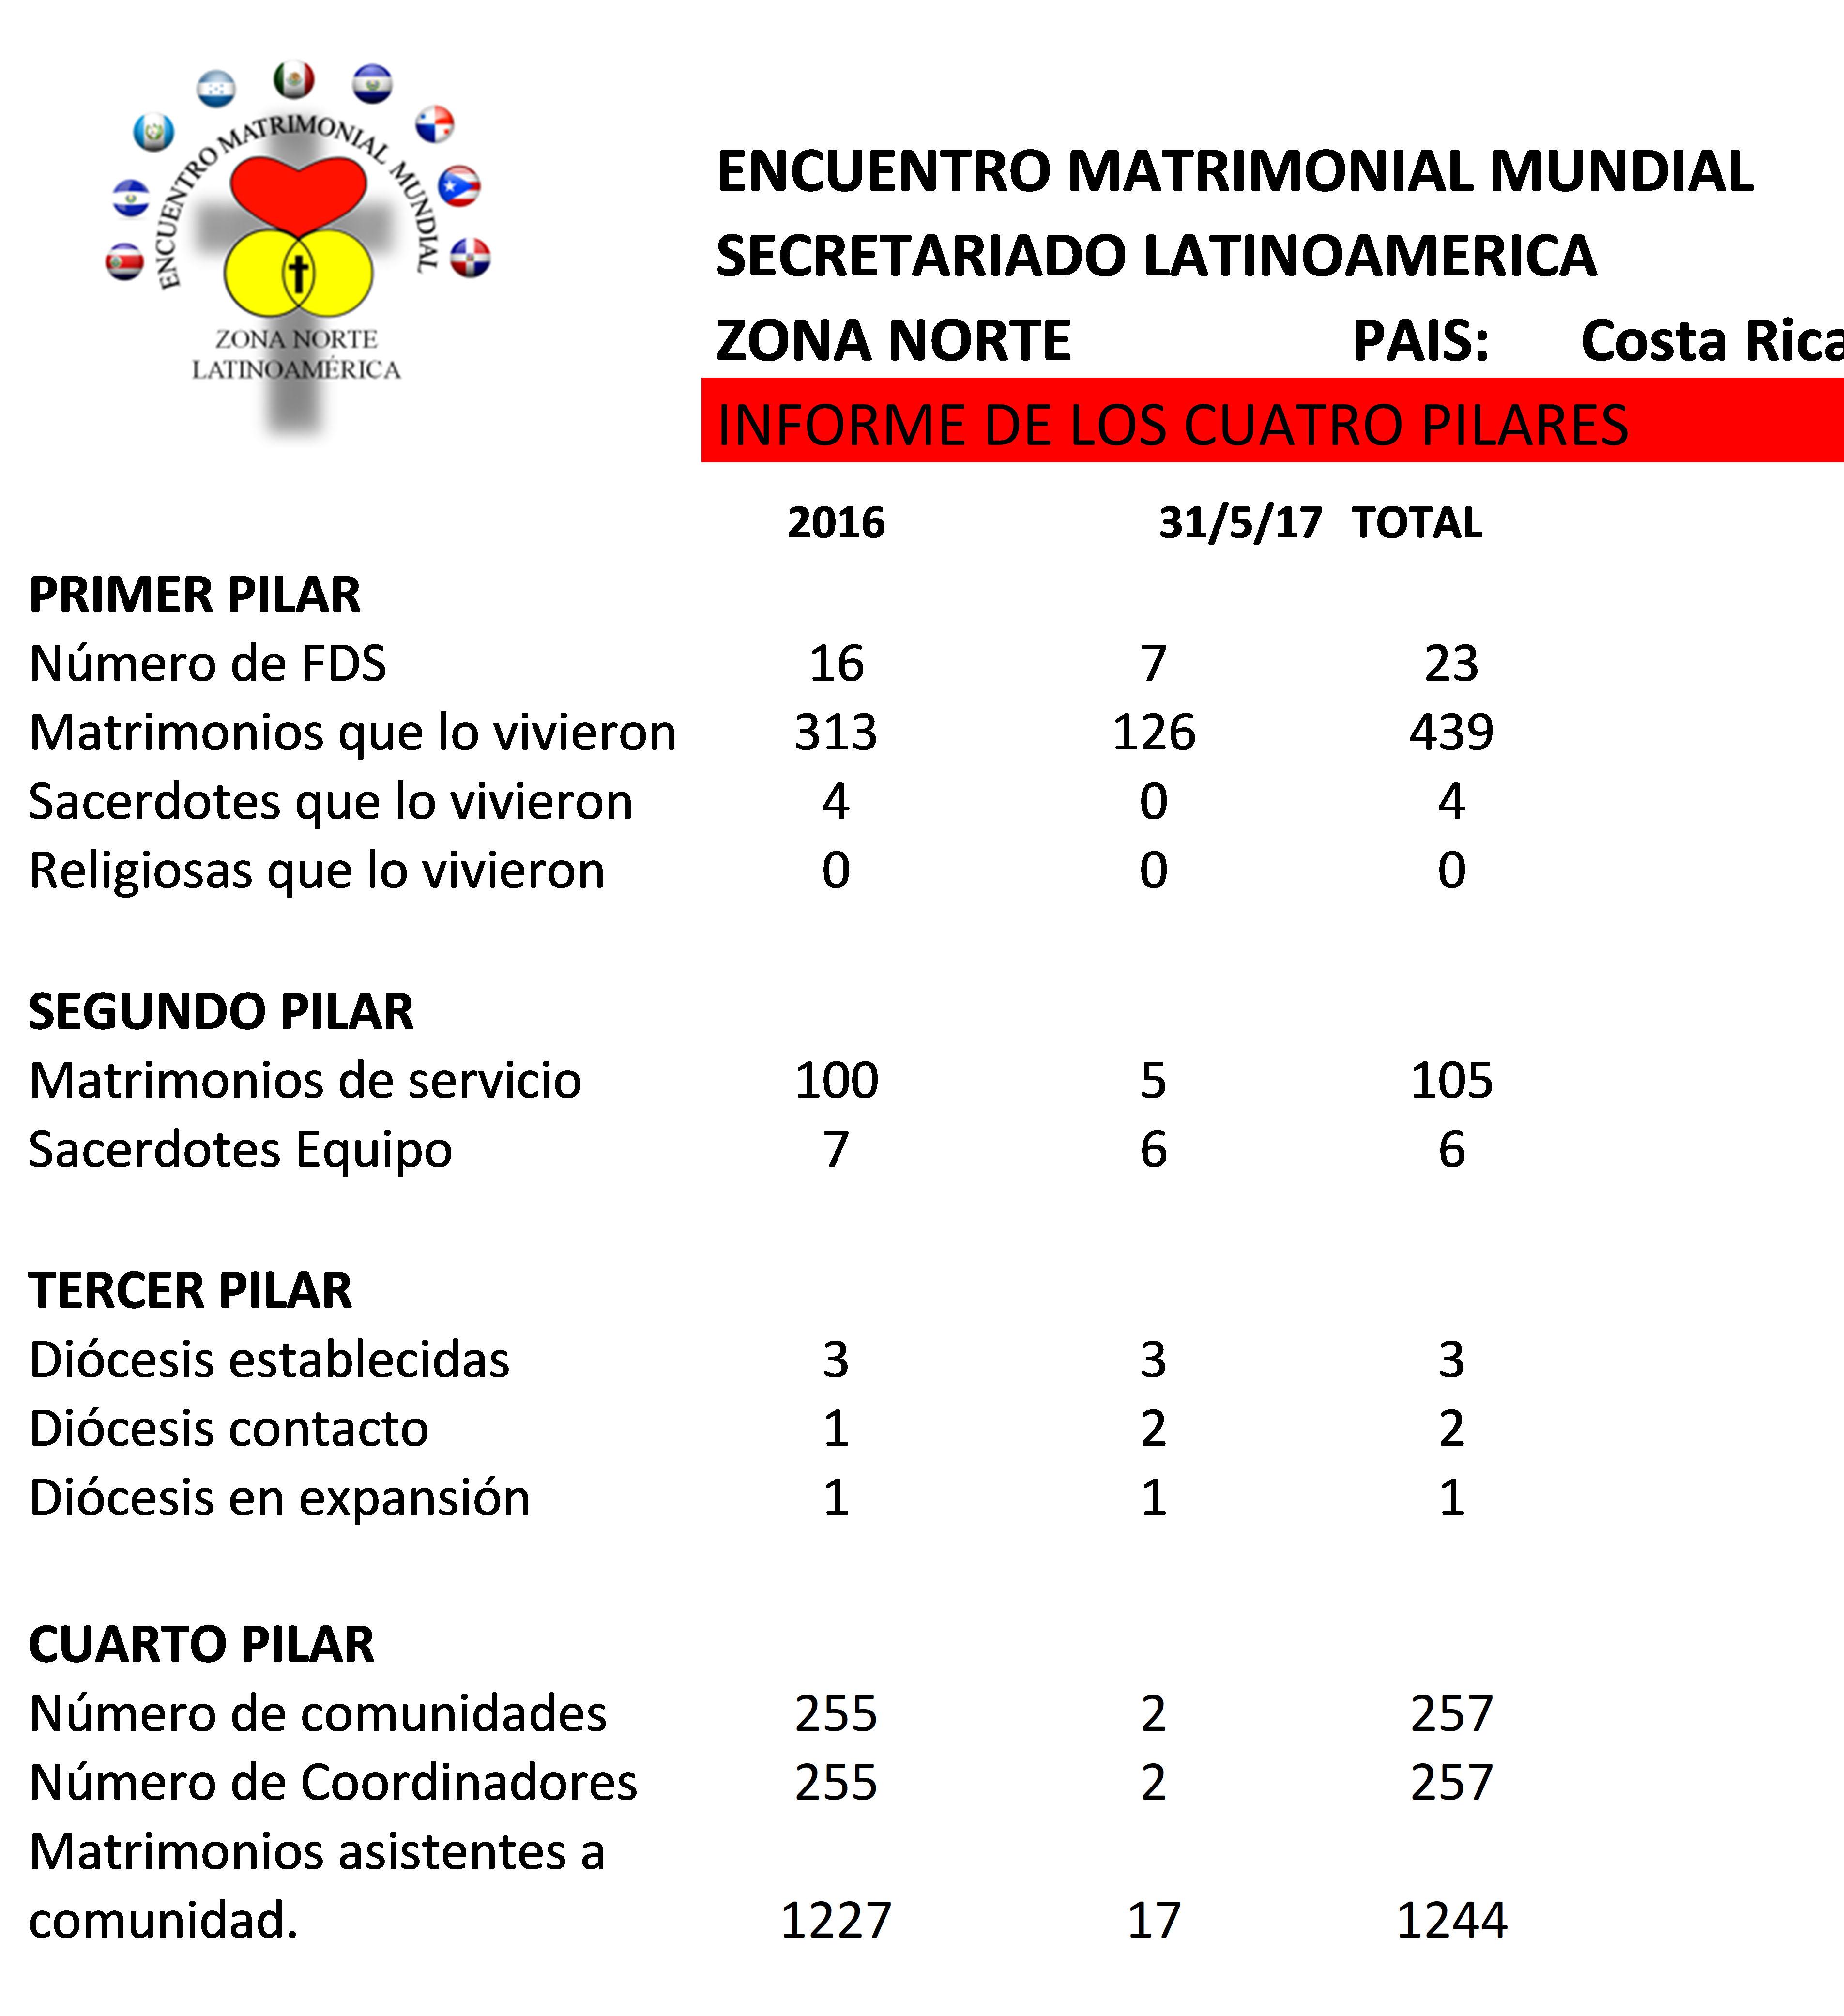 Zonal - Encuentro Matrimonial Mundial - Costa Rica